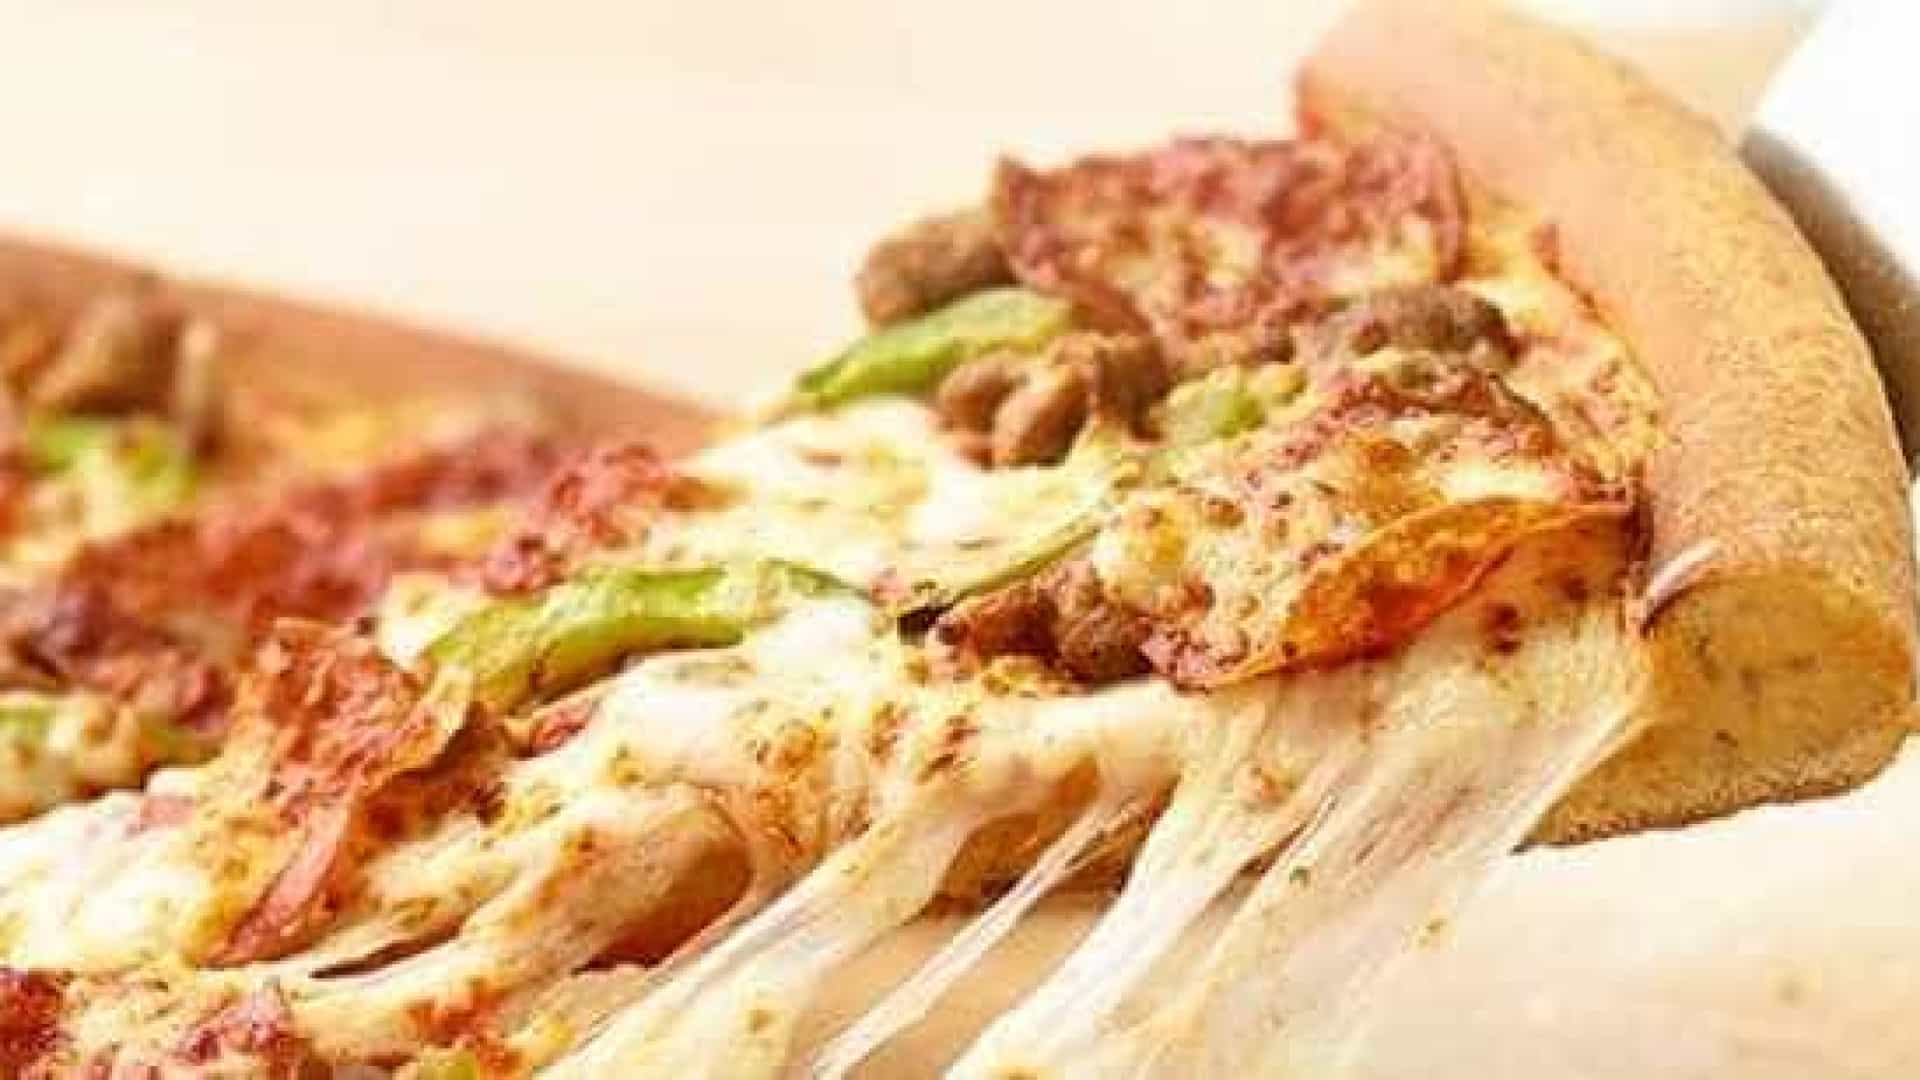 Planearam emboscada e mataram estafeta para roubar três pizzas